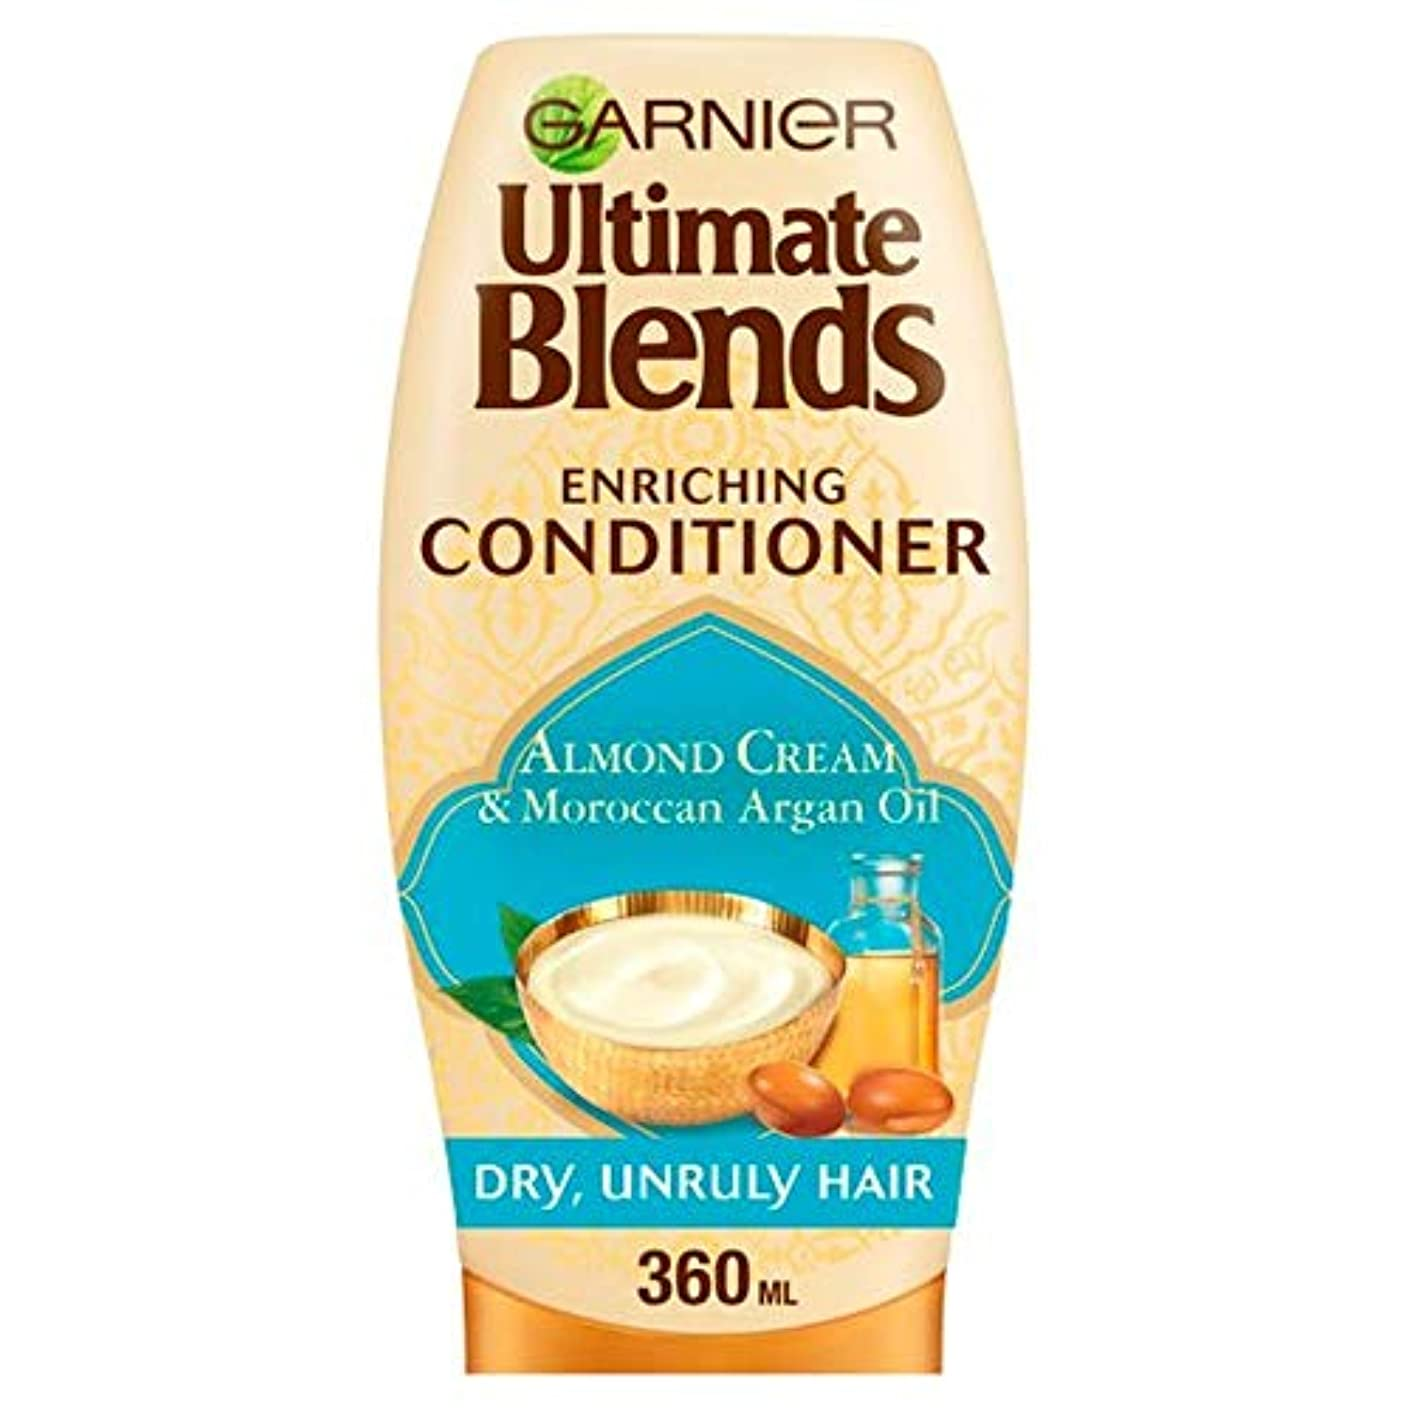 湿原犠牲海洋の[Garnier ] Ga/究極ブレンドのArg/油及びアーモンドDr / Hrでコンディショナー360ミリリットルRを - Ga/R Ultimate Blends Arg/Oil And Almond Dr/Hr Conditioner 360Ml [並行輸入品]